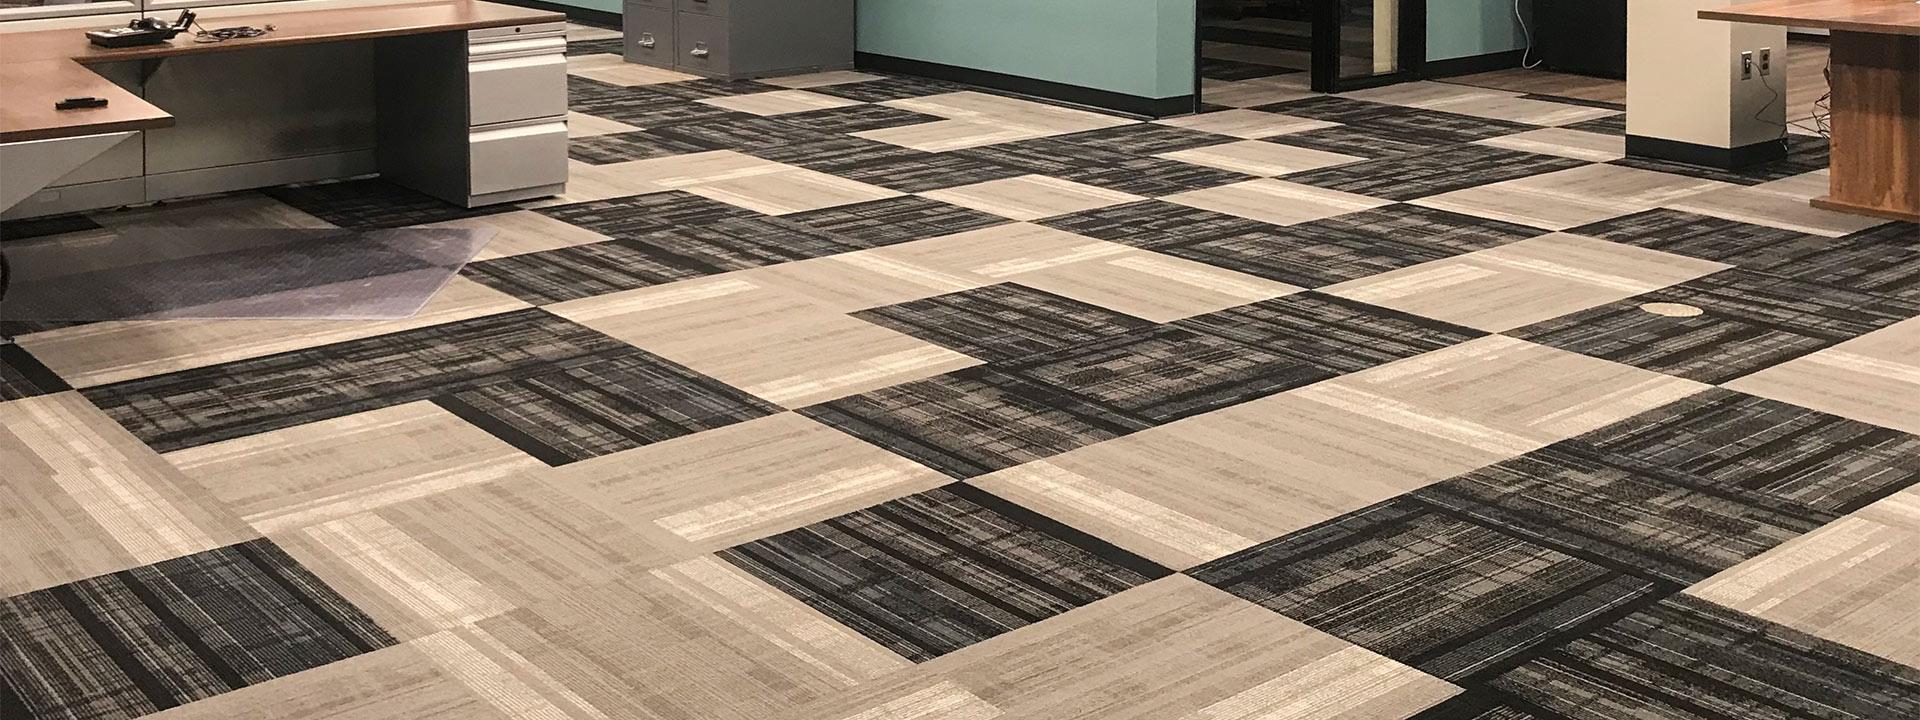 Imperial Floor Covering, Inc. – Carpet